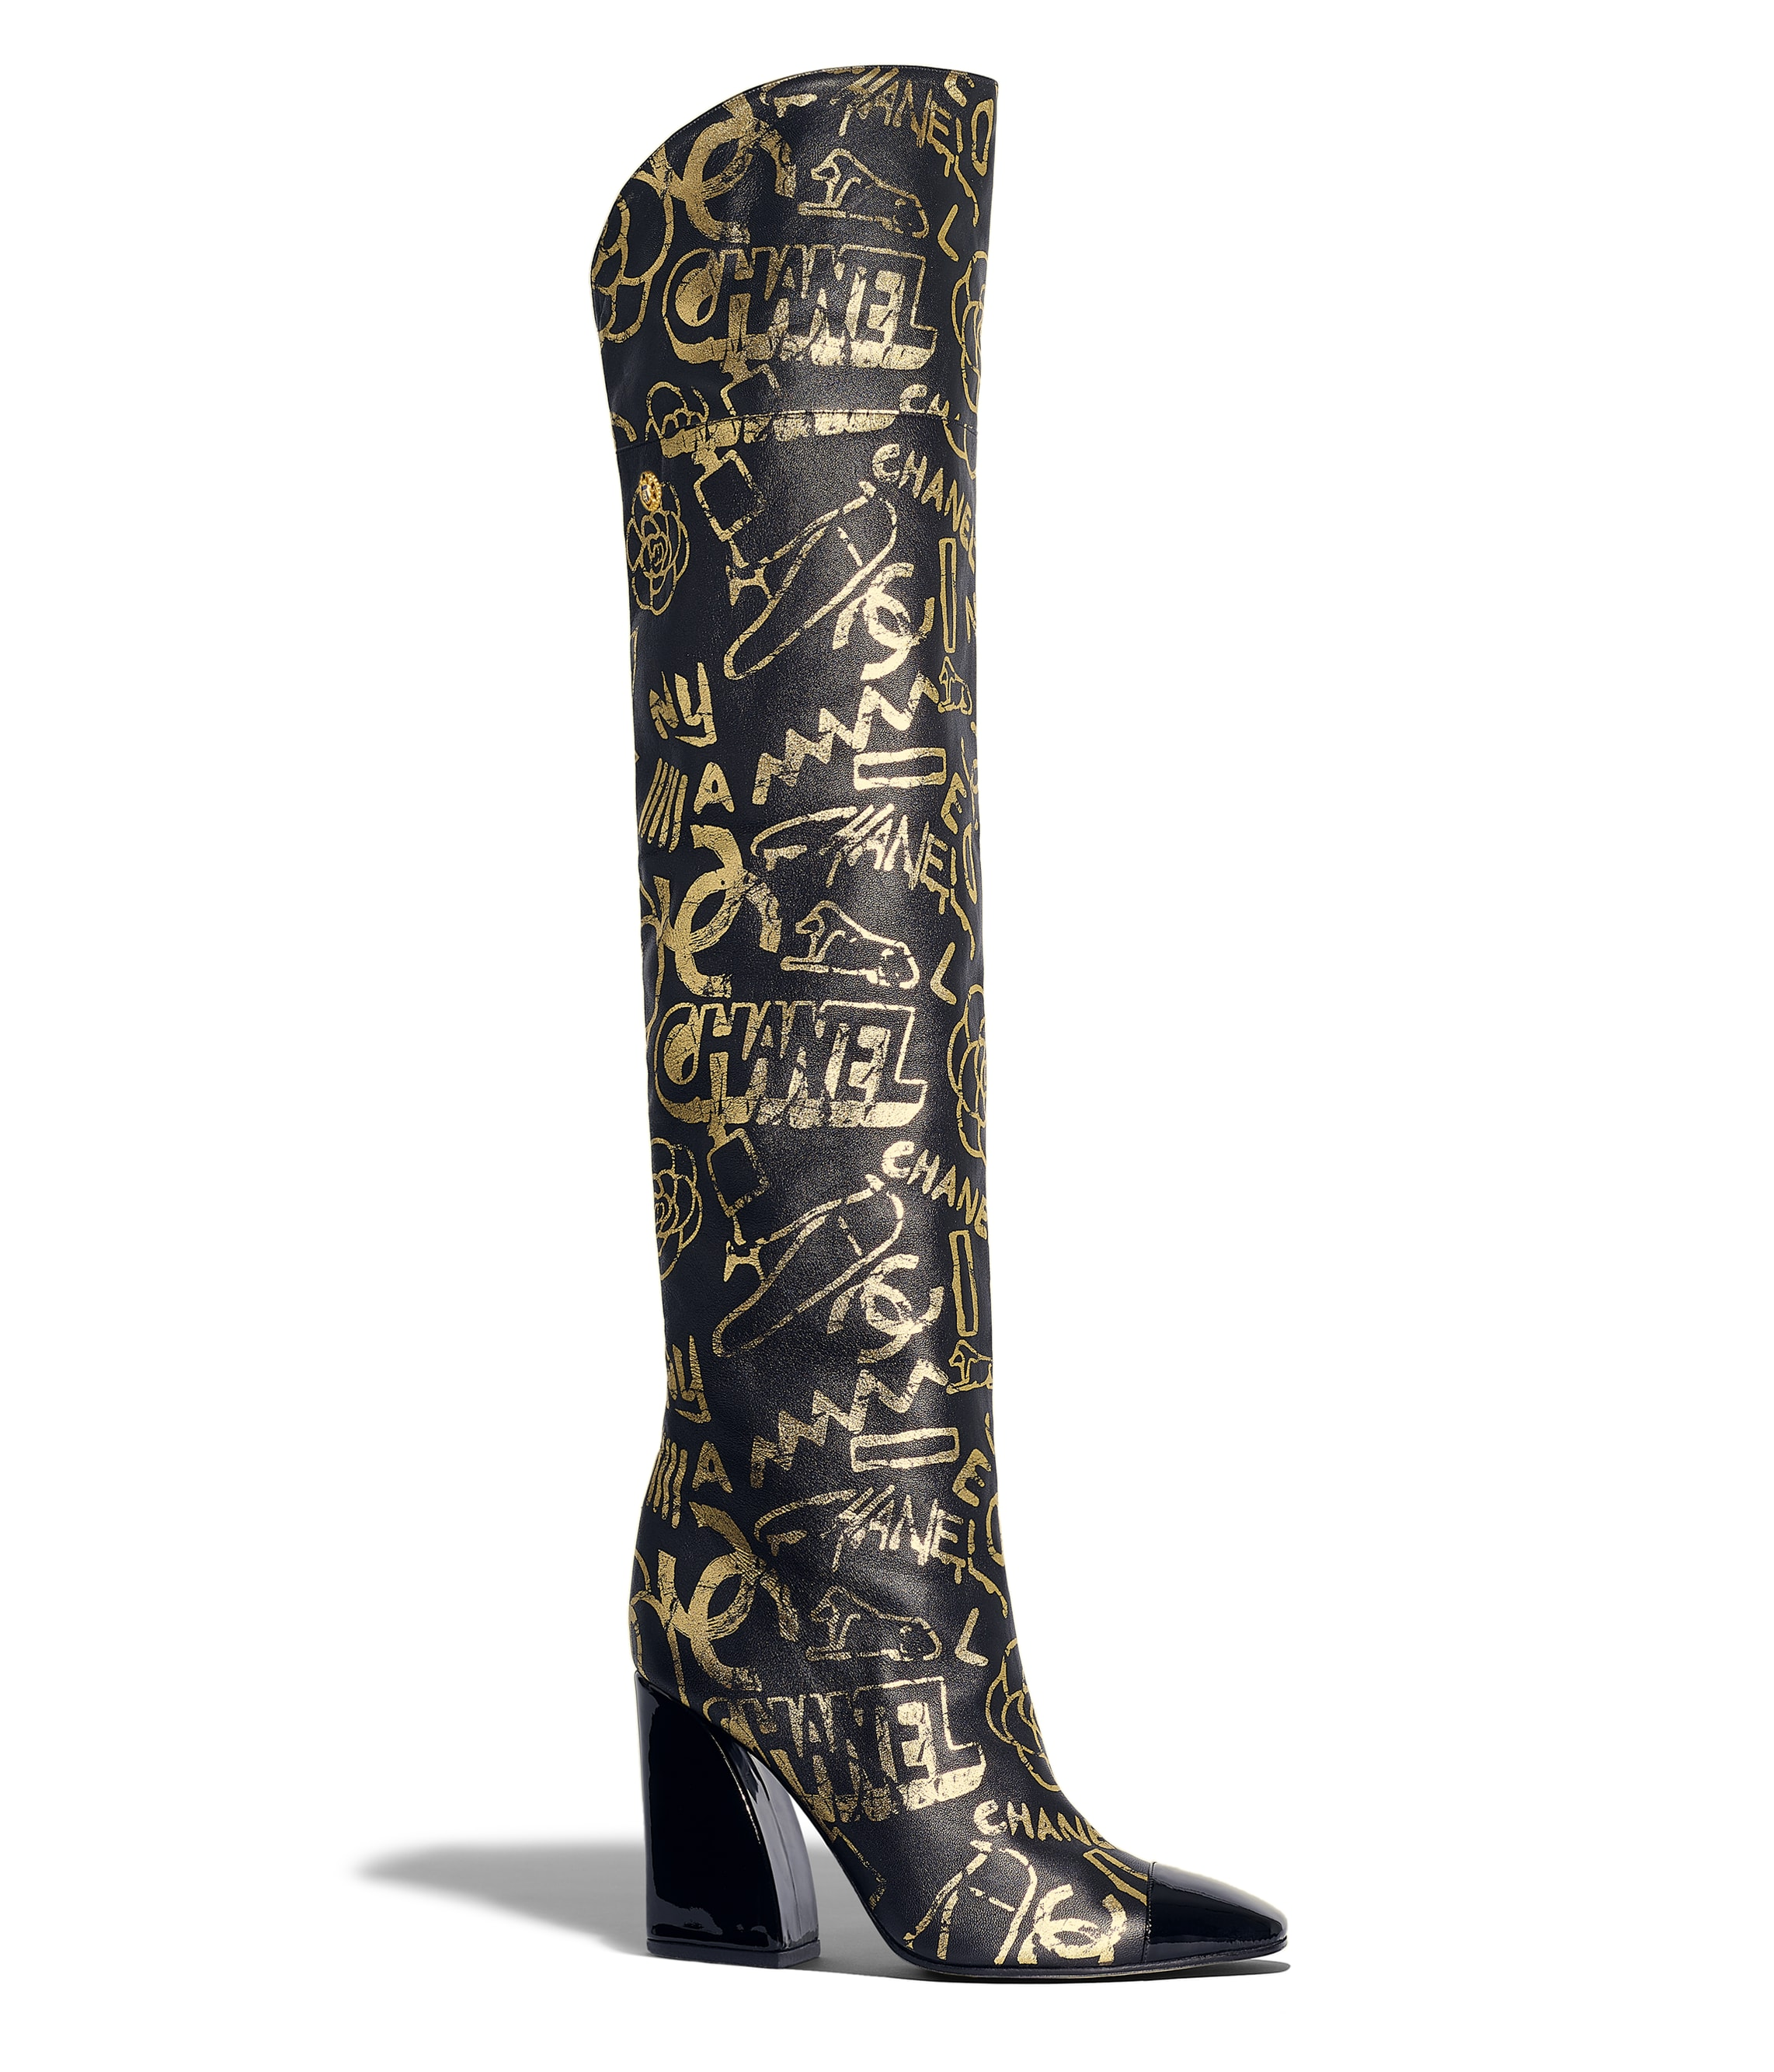 a23425f8dd0 Shoes - CHANEL